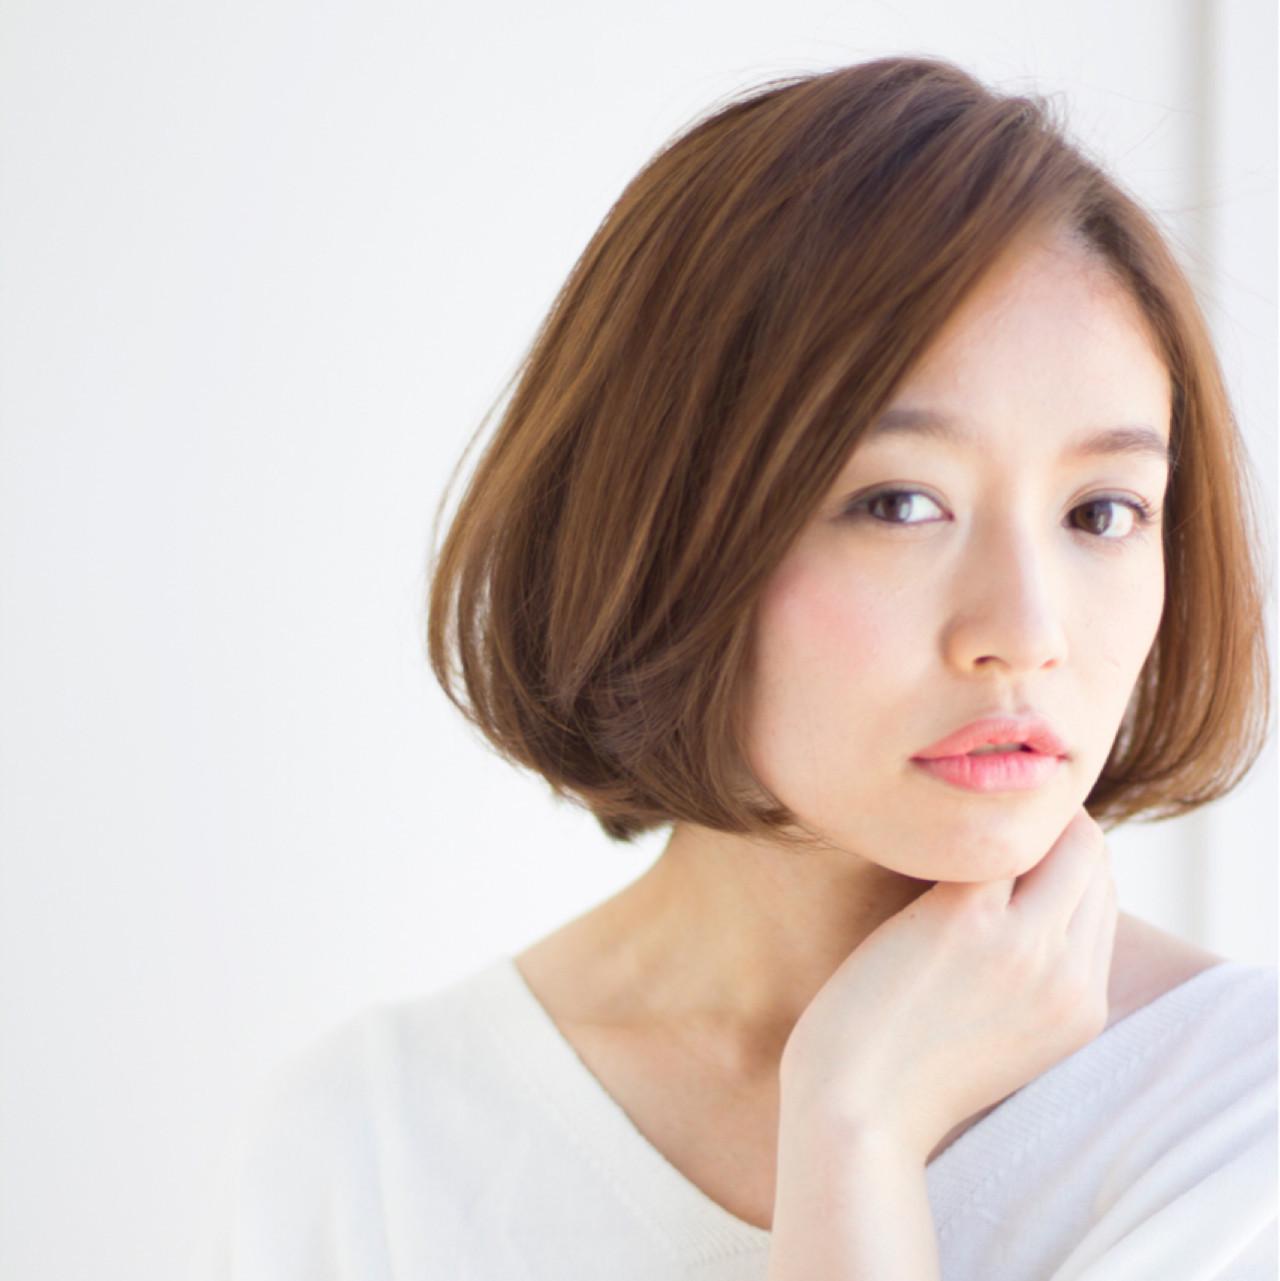 前髪長め&ひし形がポイント!丸顔×ショート 東 純平 | Ramie omotesando